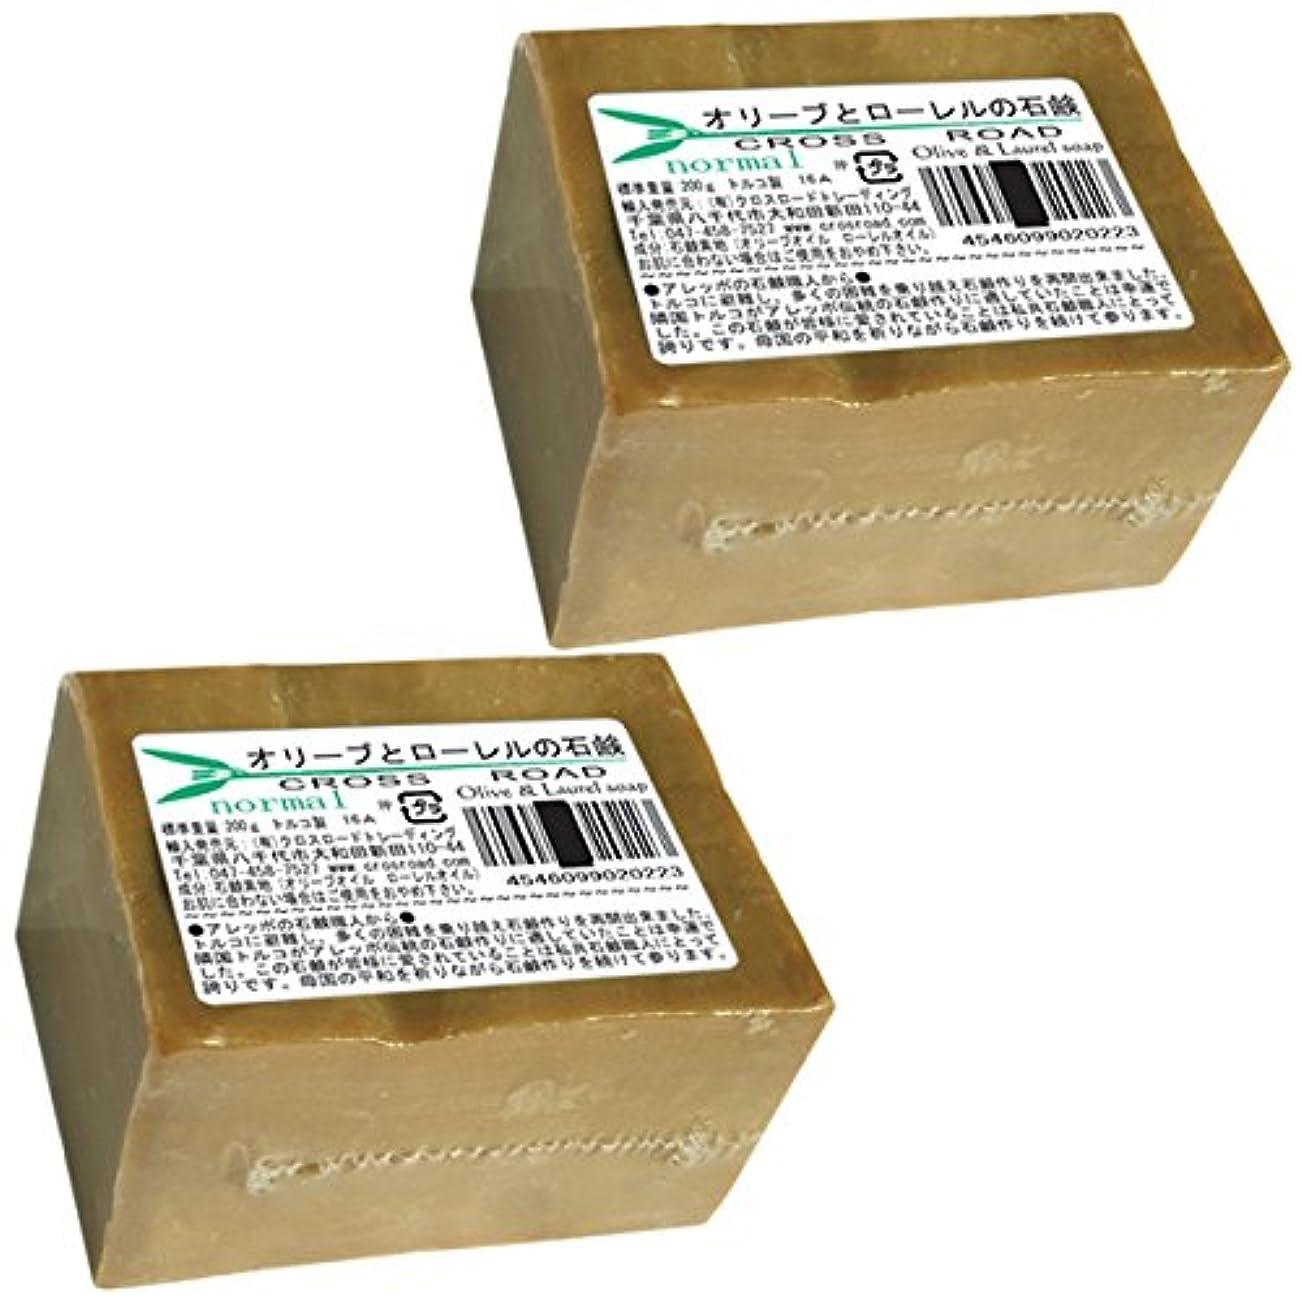 乳白造船受粉するオリーブとローレルの石鹸(ノーマル)2個セット[並行輸入品]